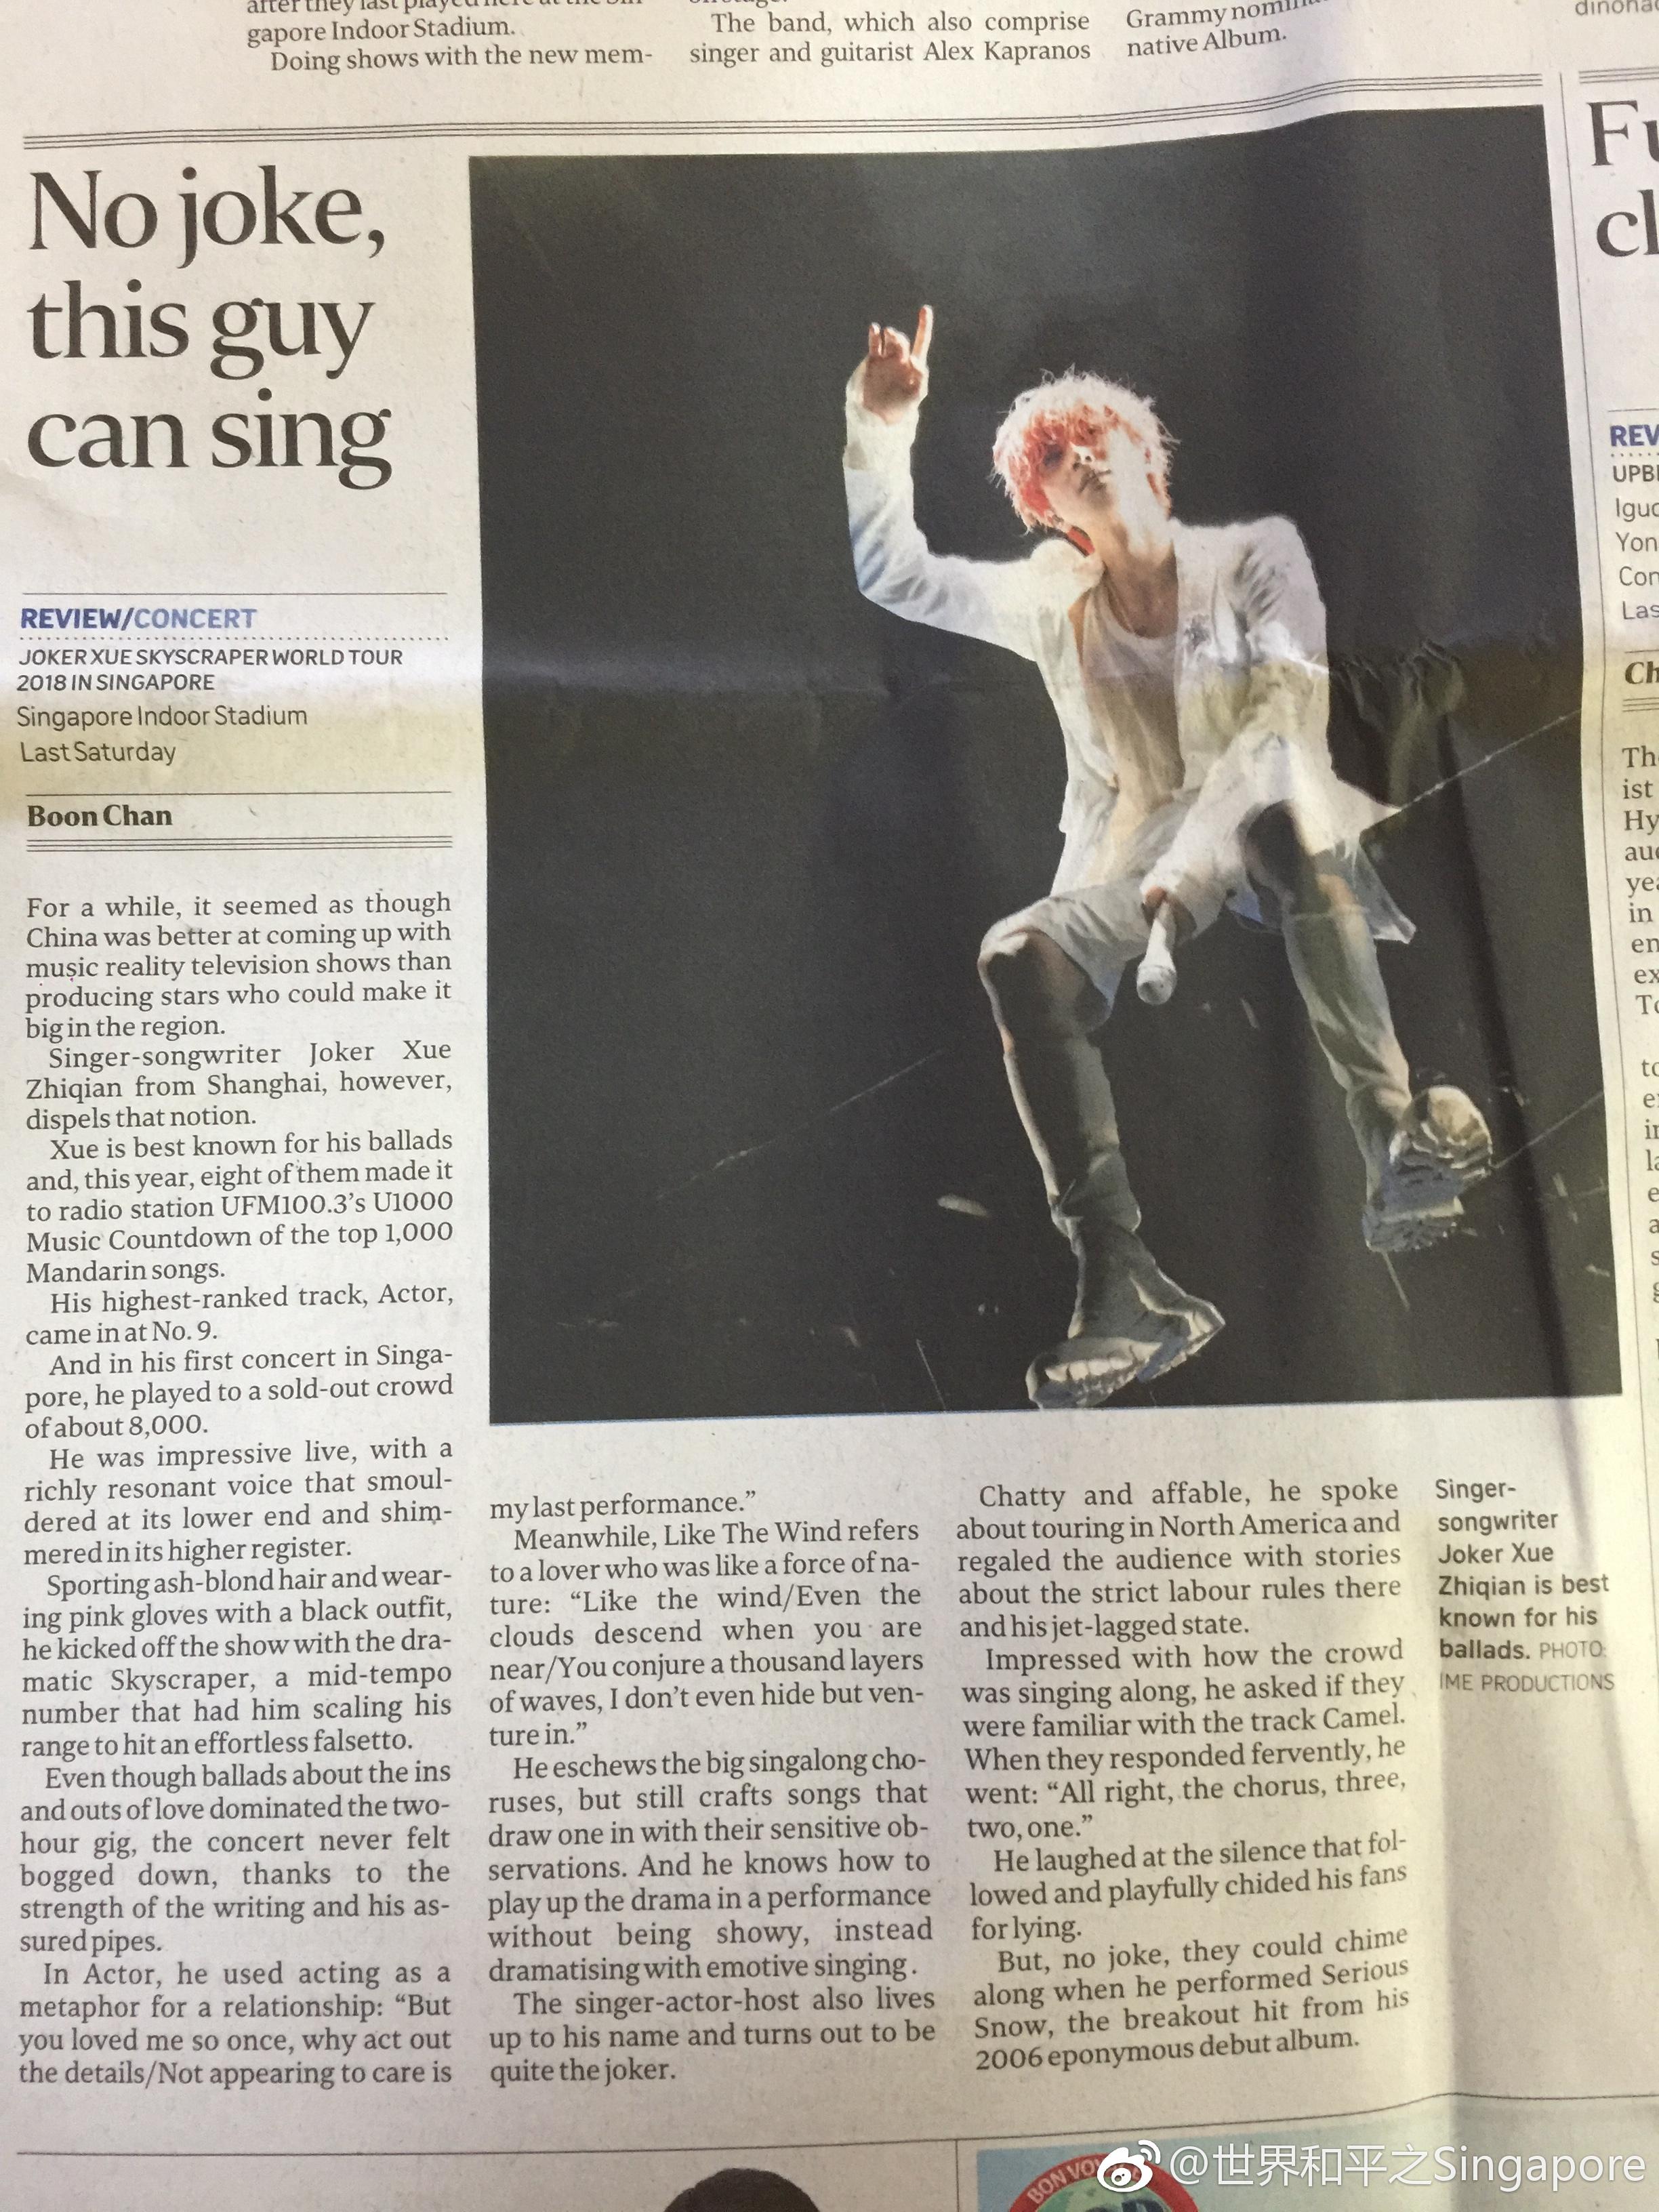 [新闻]181120 新加坡海峡时报报道薛之谦演唱会:No joke,this guy can sing